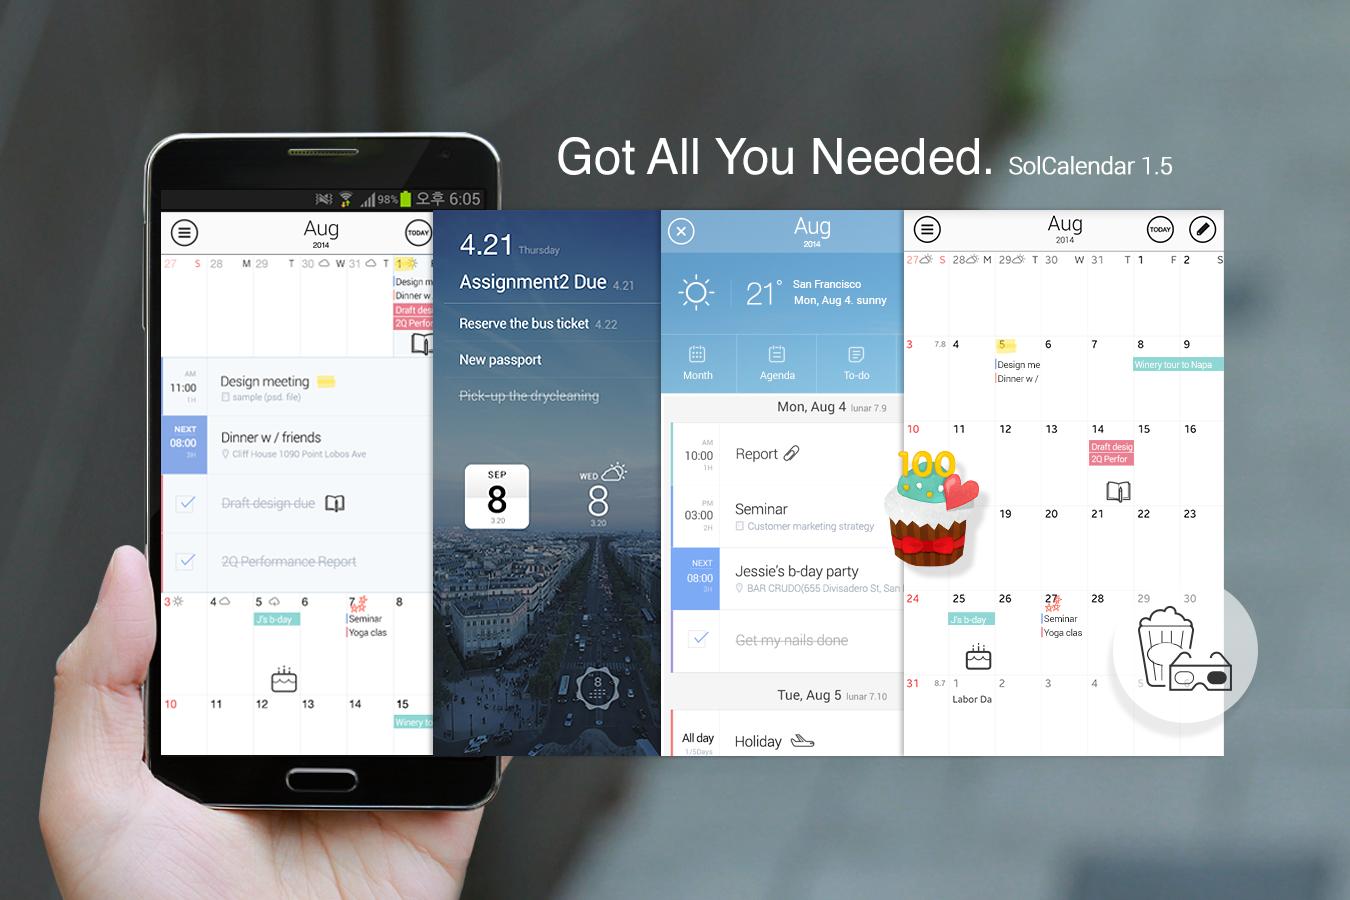 Скачать Solcalendar 1.7.3 Для Android Intended For Yahoo Calendar App Android